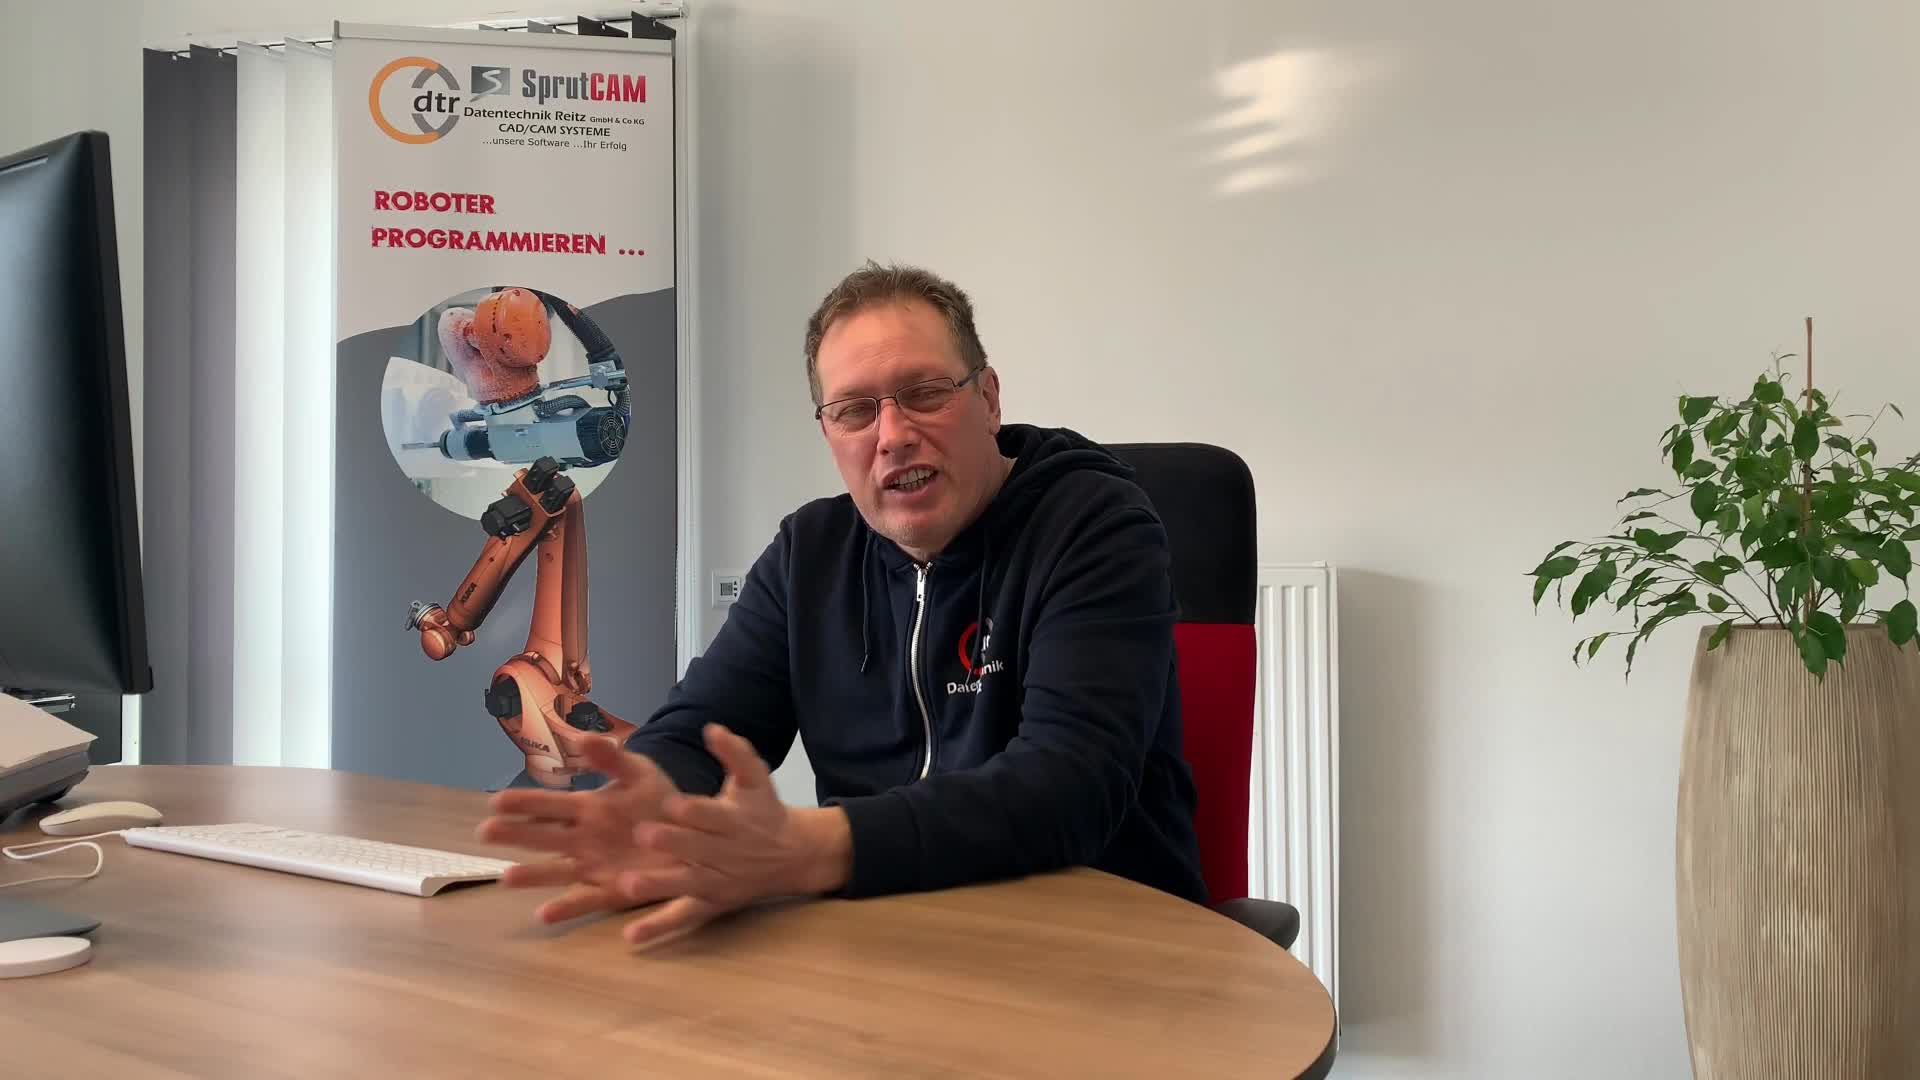 25 Jahre Datentechnik Reitz - Interview Teil 1/6